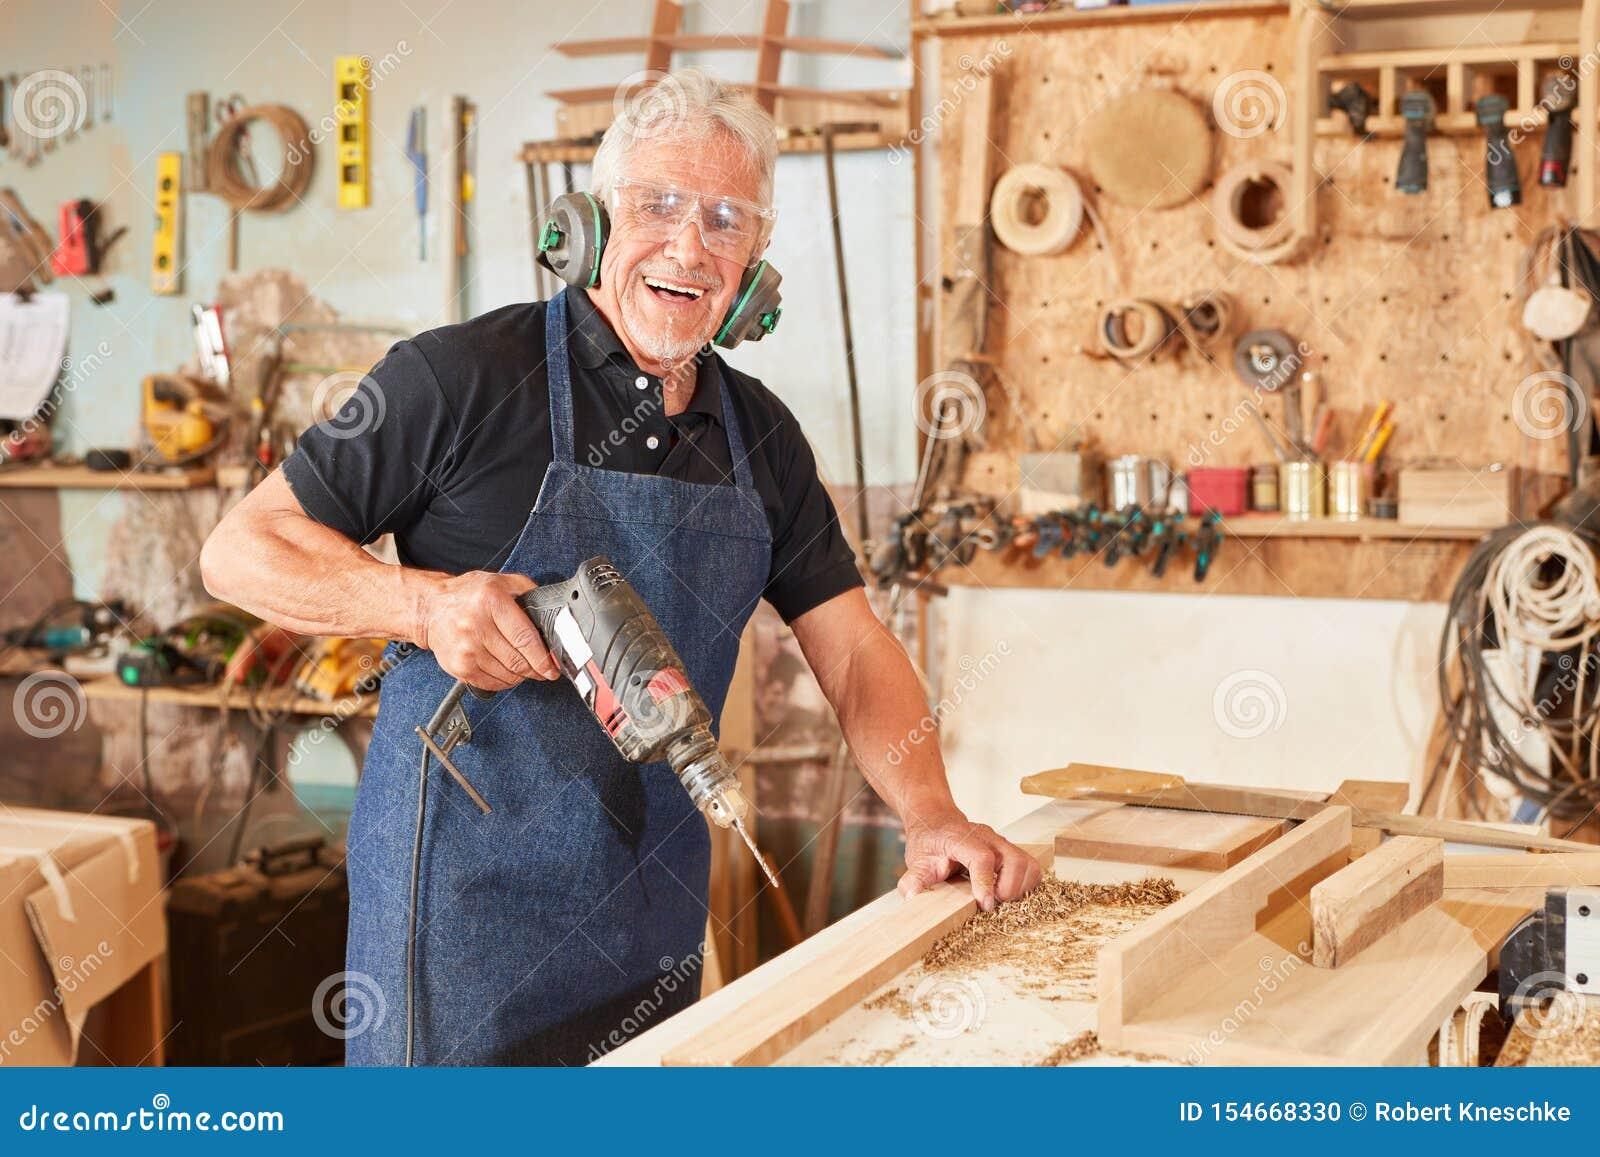 Amo del carpintero en artesanía en madera